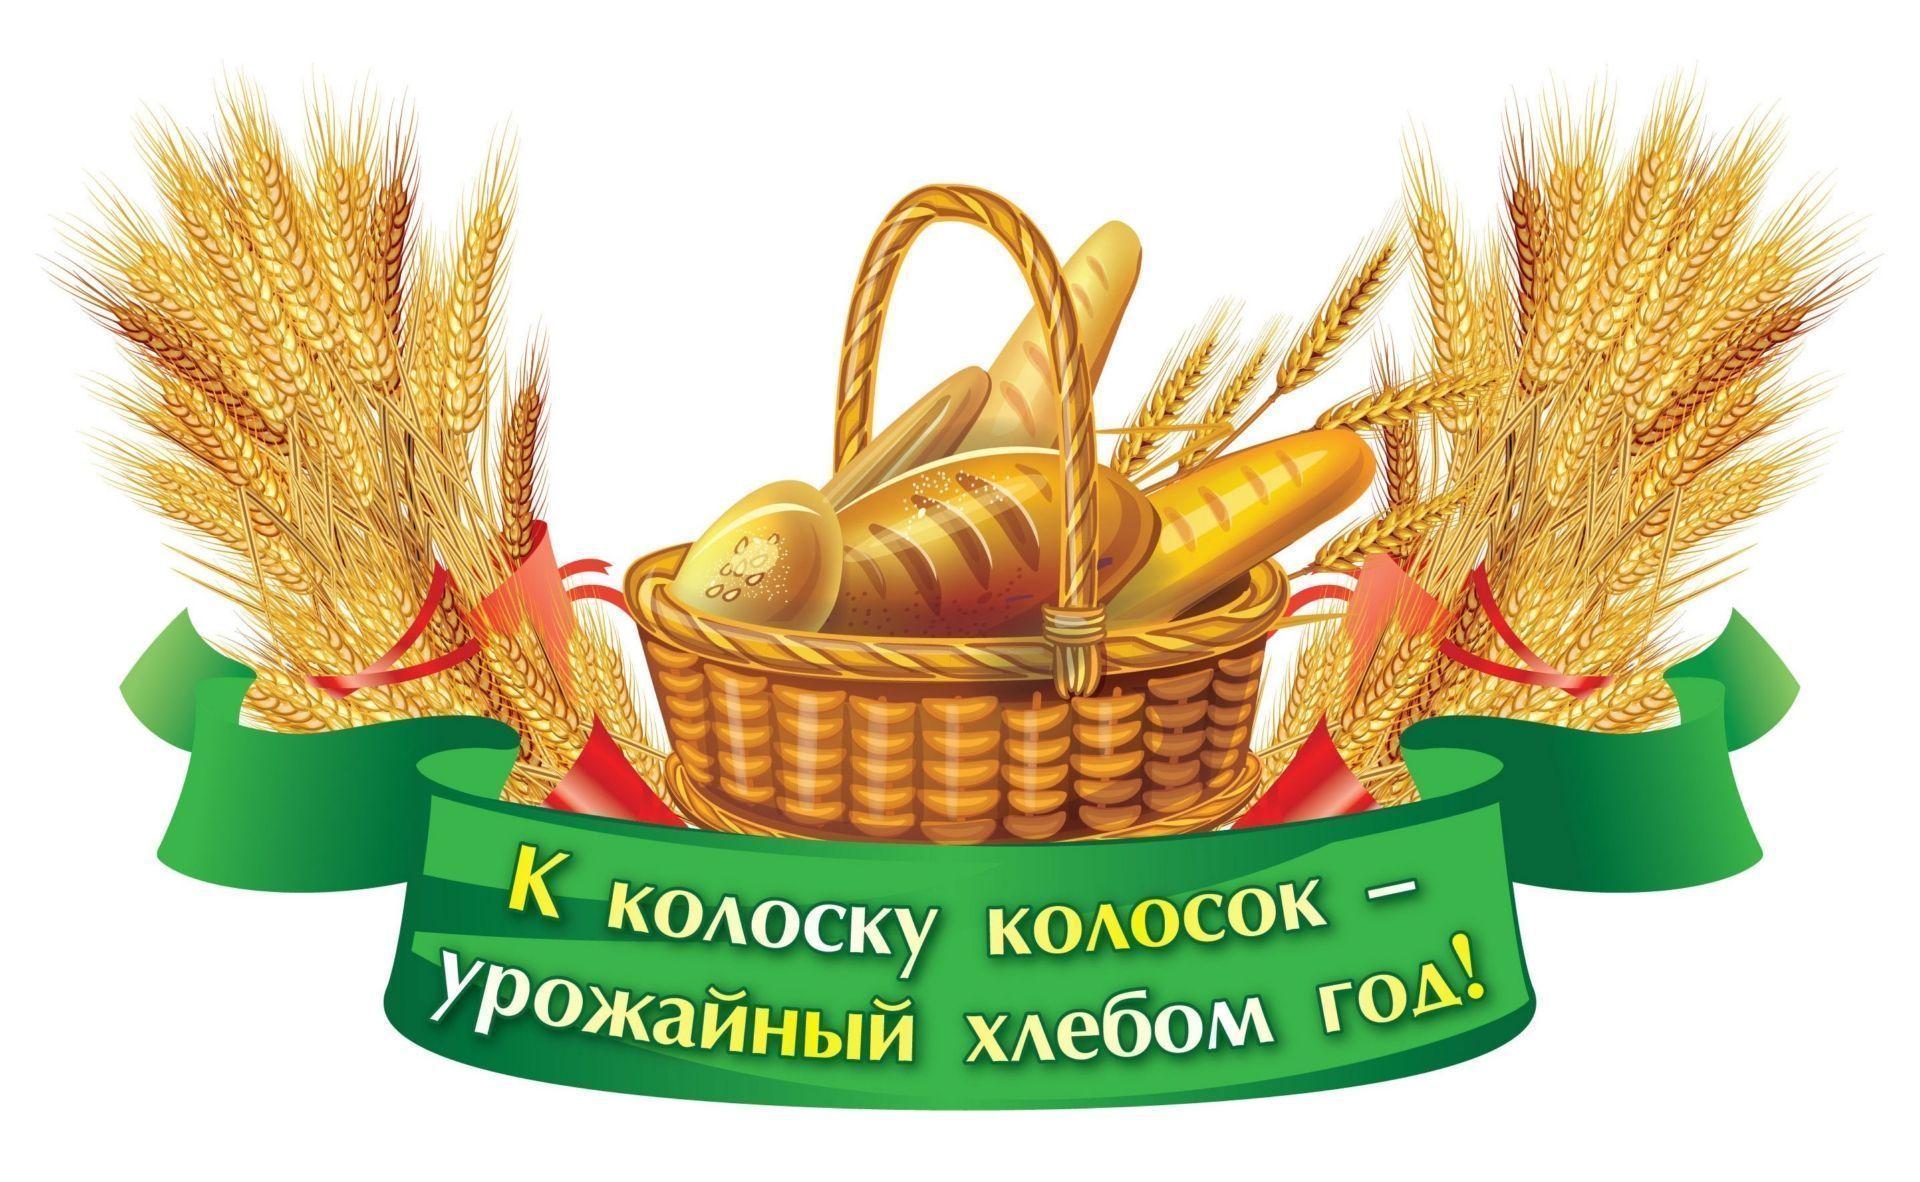 Плакат вырубной Золотые хлебные колосья: 256х397Товары для оформления и проведения праздника<br>.<br><br>Год: 2017<br>Серия: Вырубные фигуры для оформления<br>Высота: 397<br>Ширина: 256<br>Переплёт: набор